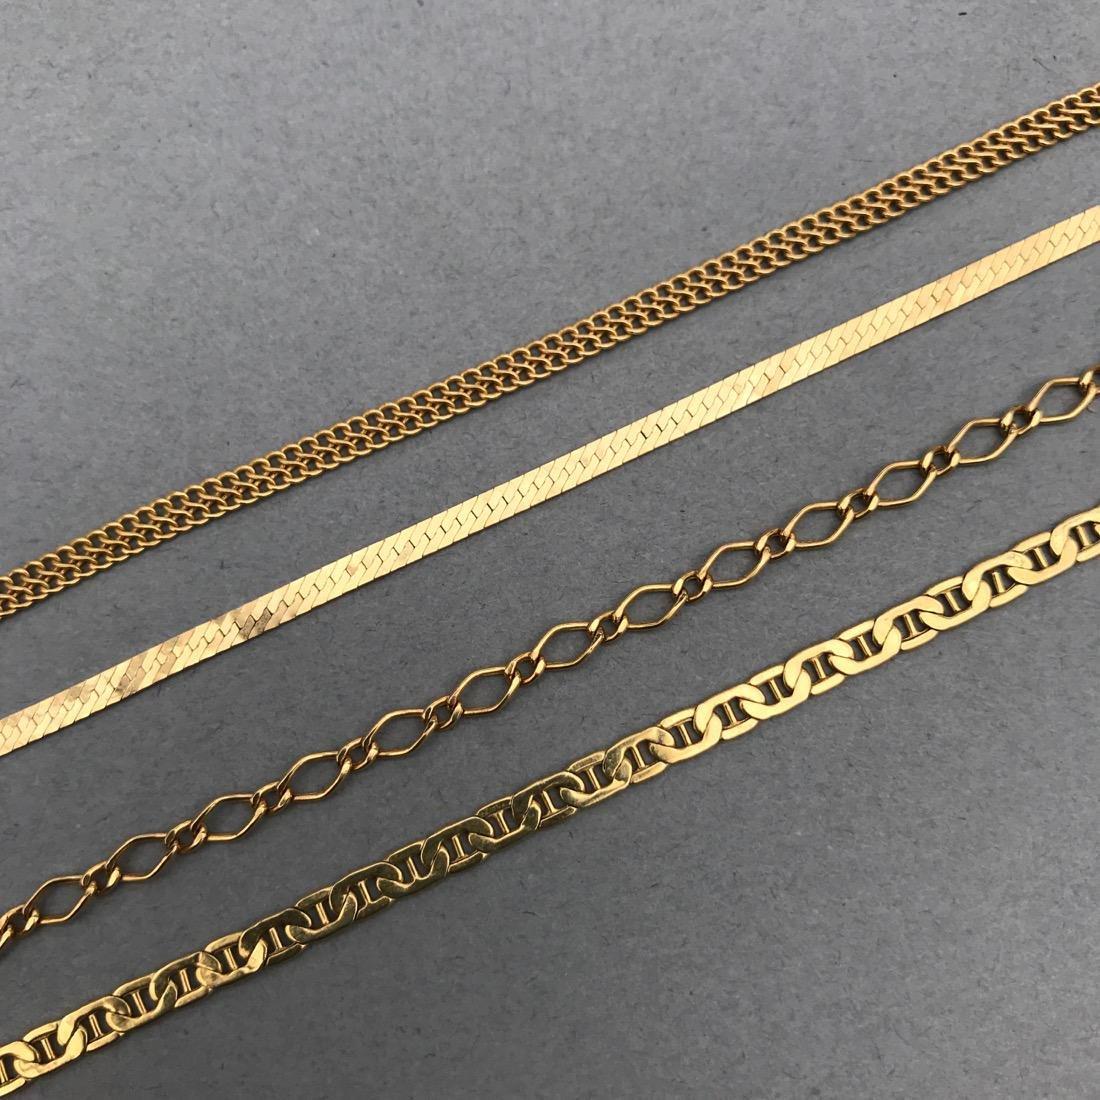 4 14K Gold Bracelets - 2